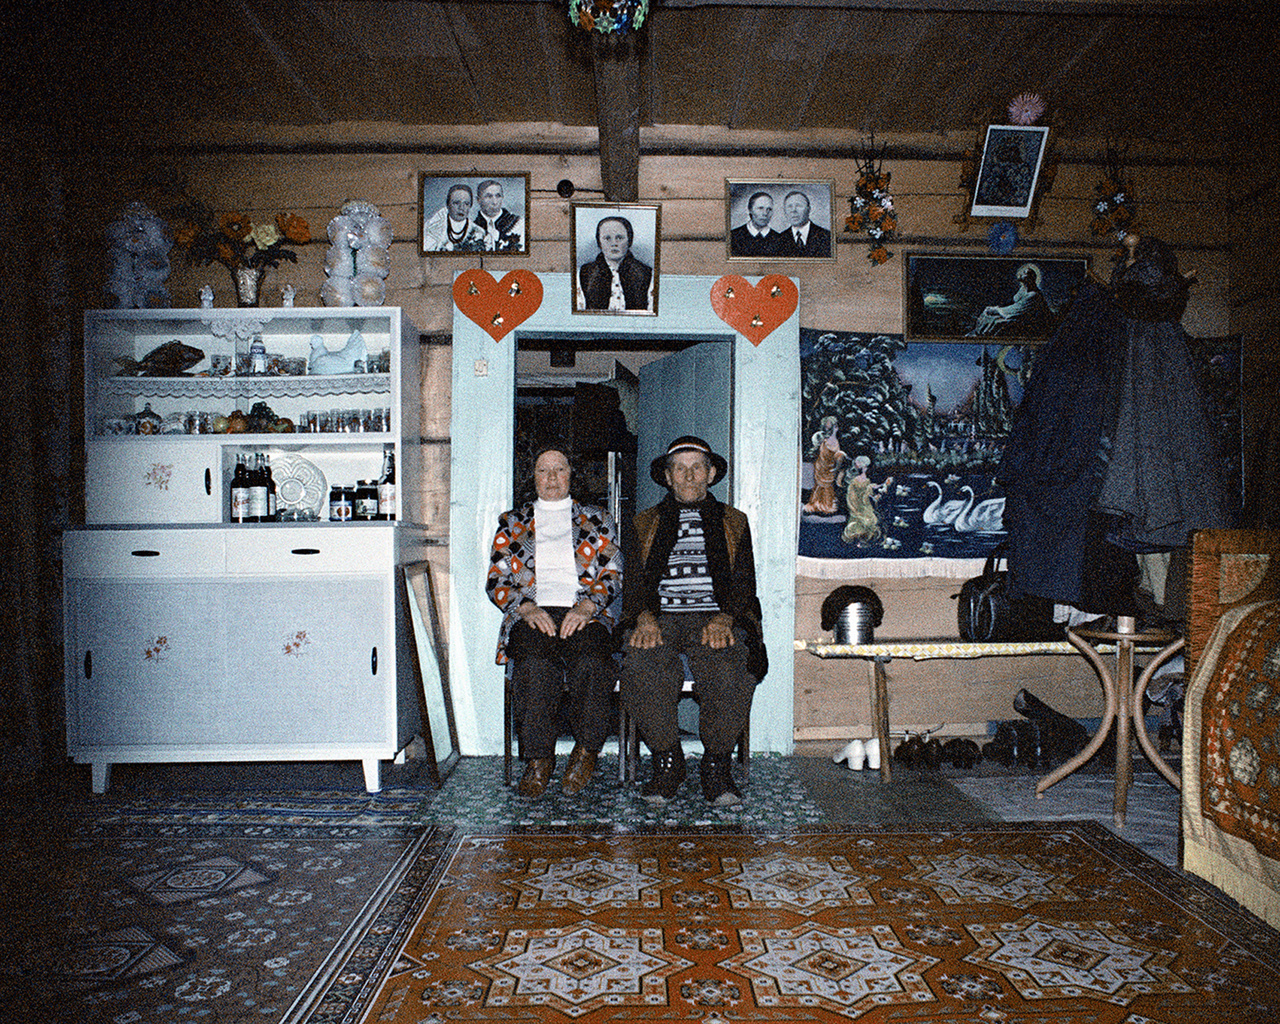 A kevés színes fotó egyike a sok fekete-fehér között. Rydet túlzásnak, túl tudományosnak érezte a szociologizáló címet, évtizedes vállalkozása inkább a művészi katalogizálás hagyományát követi, de mániája lett. Mindig nála lévő fényképezőgépével egyre türelmetlenebbül járta a a lengyel kistelepüléseket. Egyes tárgycsoportok különösen foglalkoztatták: tévékészülékek, konyhai tapéták, szekerek, és az itt is látható régi színezett esküvő fotográfiák. Az idős fényképész időnként visszatért ugyanoda, hogy dokumentálja a vidéki Lengyelország átalakulását, de a negatívok későbbi sorsa már nem nagyon érdekelte, általában nem is hívta elő őket. A képek nyomtatásban csak jóval a halála után voltak először láthatók: előbb a Varsói Modern Művészeti Múzeumban, most pedig Franciaországban, Tours-ban és a Pompidou Központban.